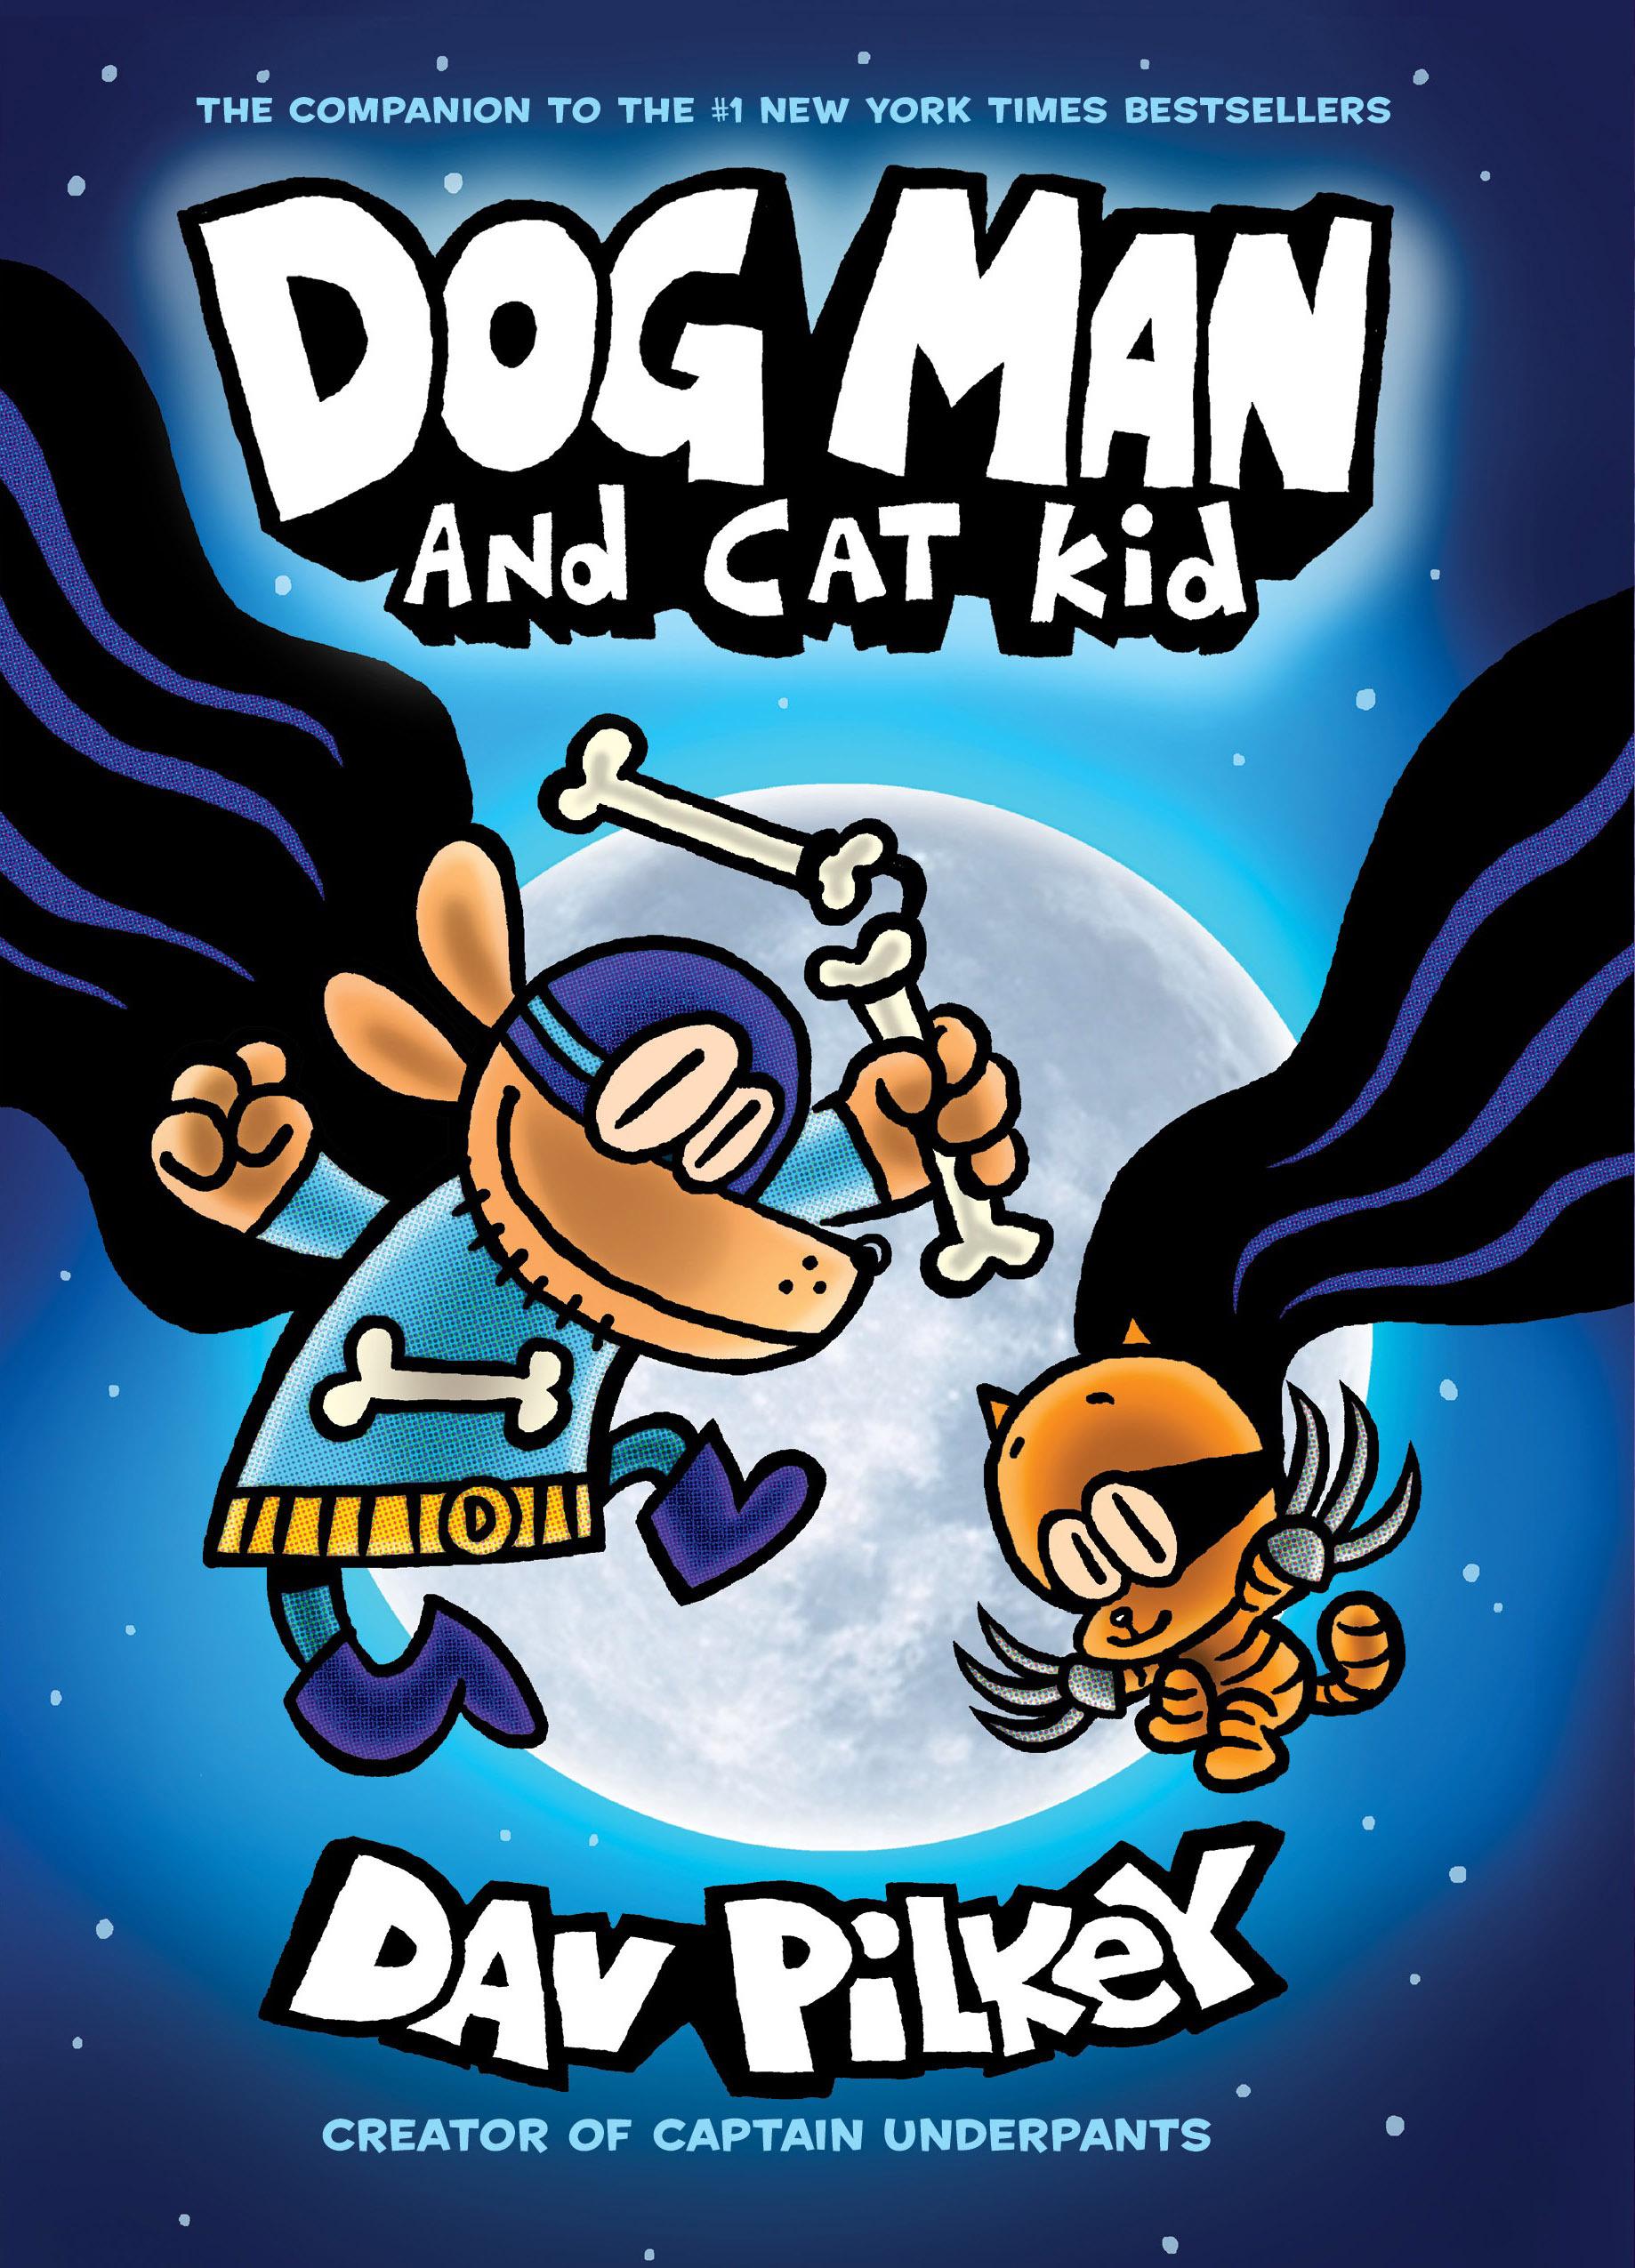 dav-pilkey-dogman-cat-kid.jpg